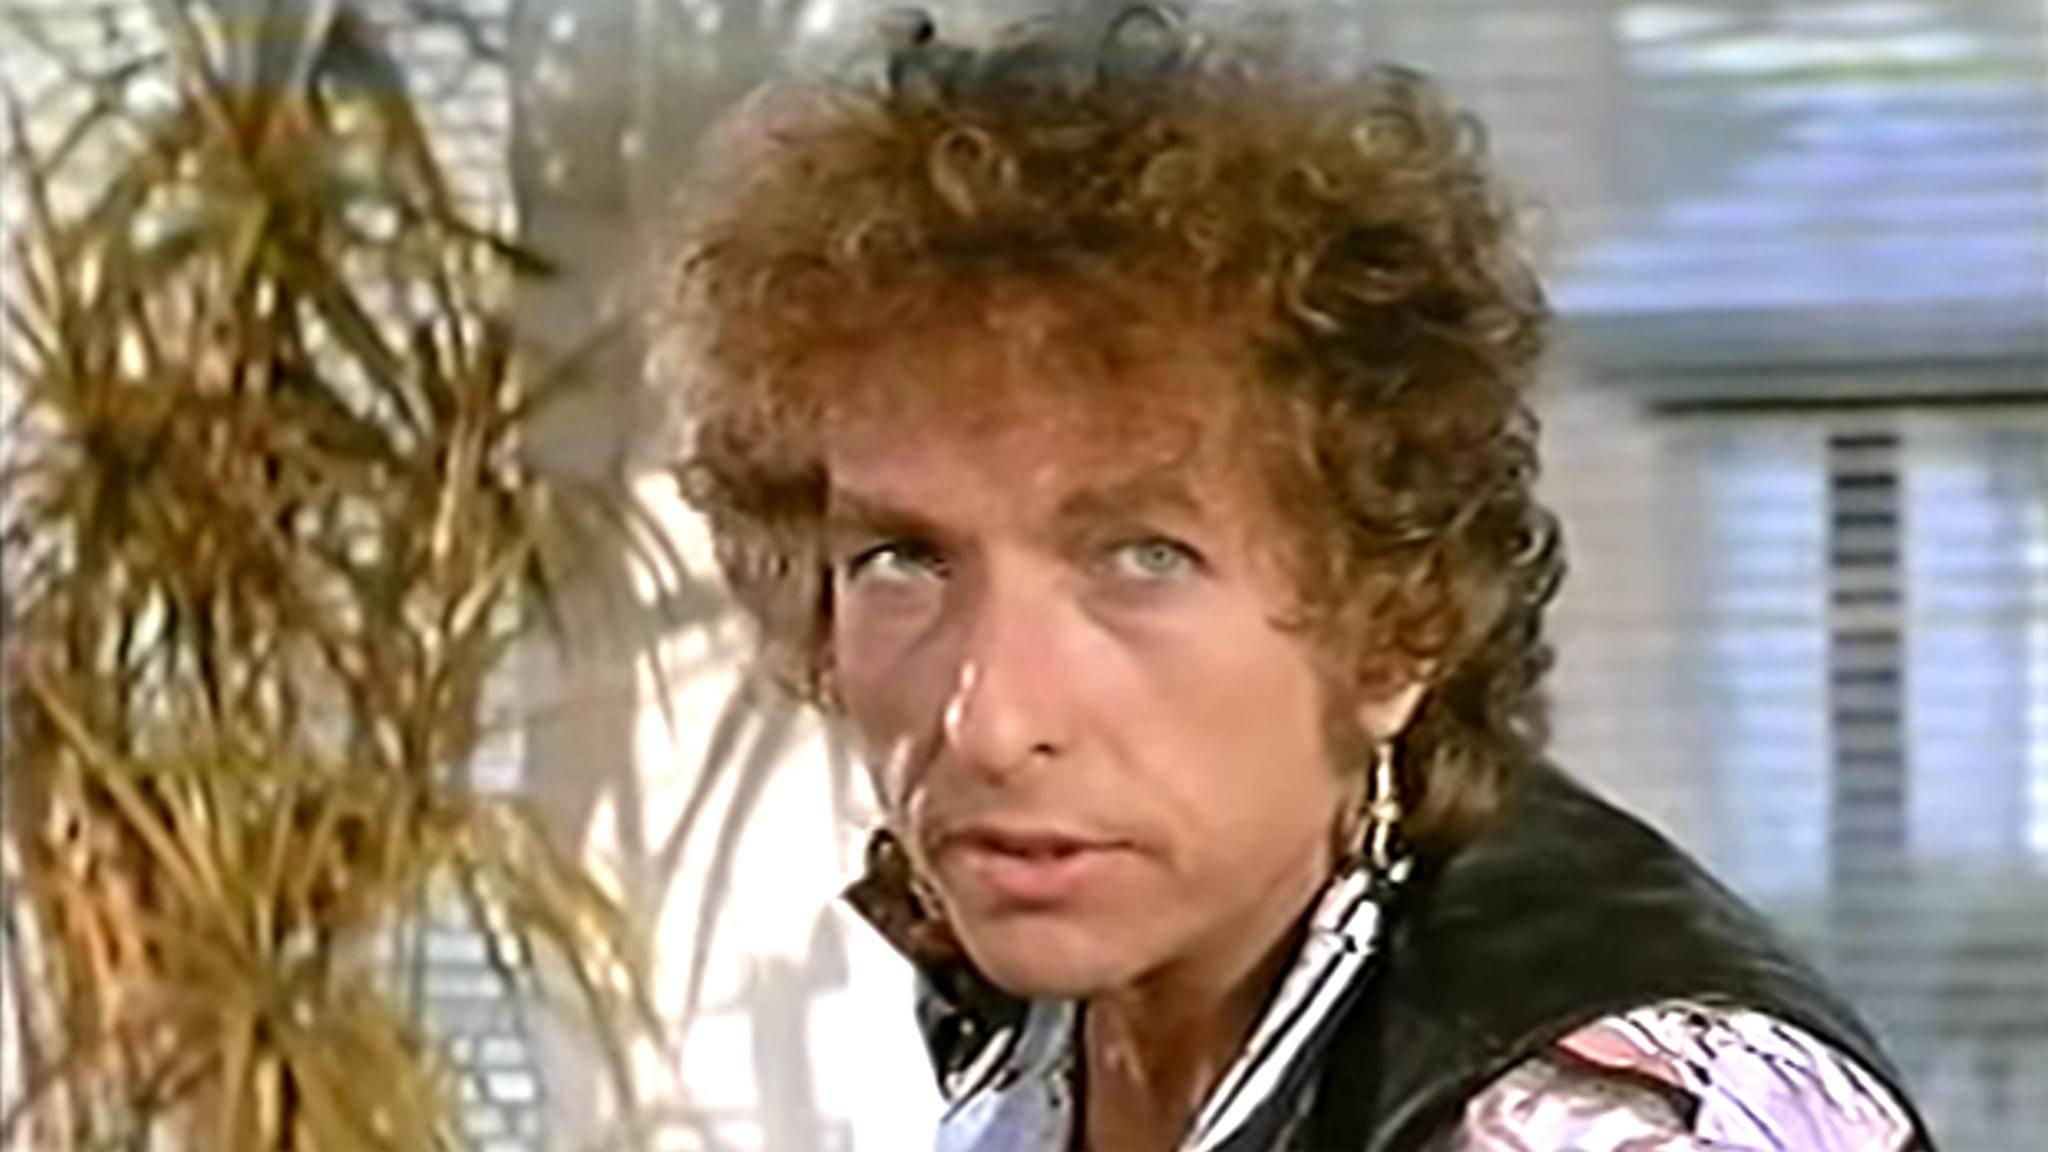 Auch Bob Dylan leistete sich einen Fehltritt ins Filmgeschäft.